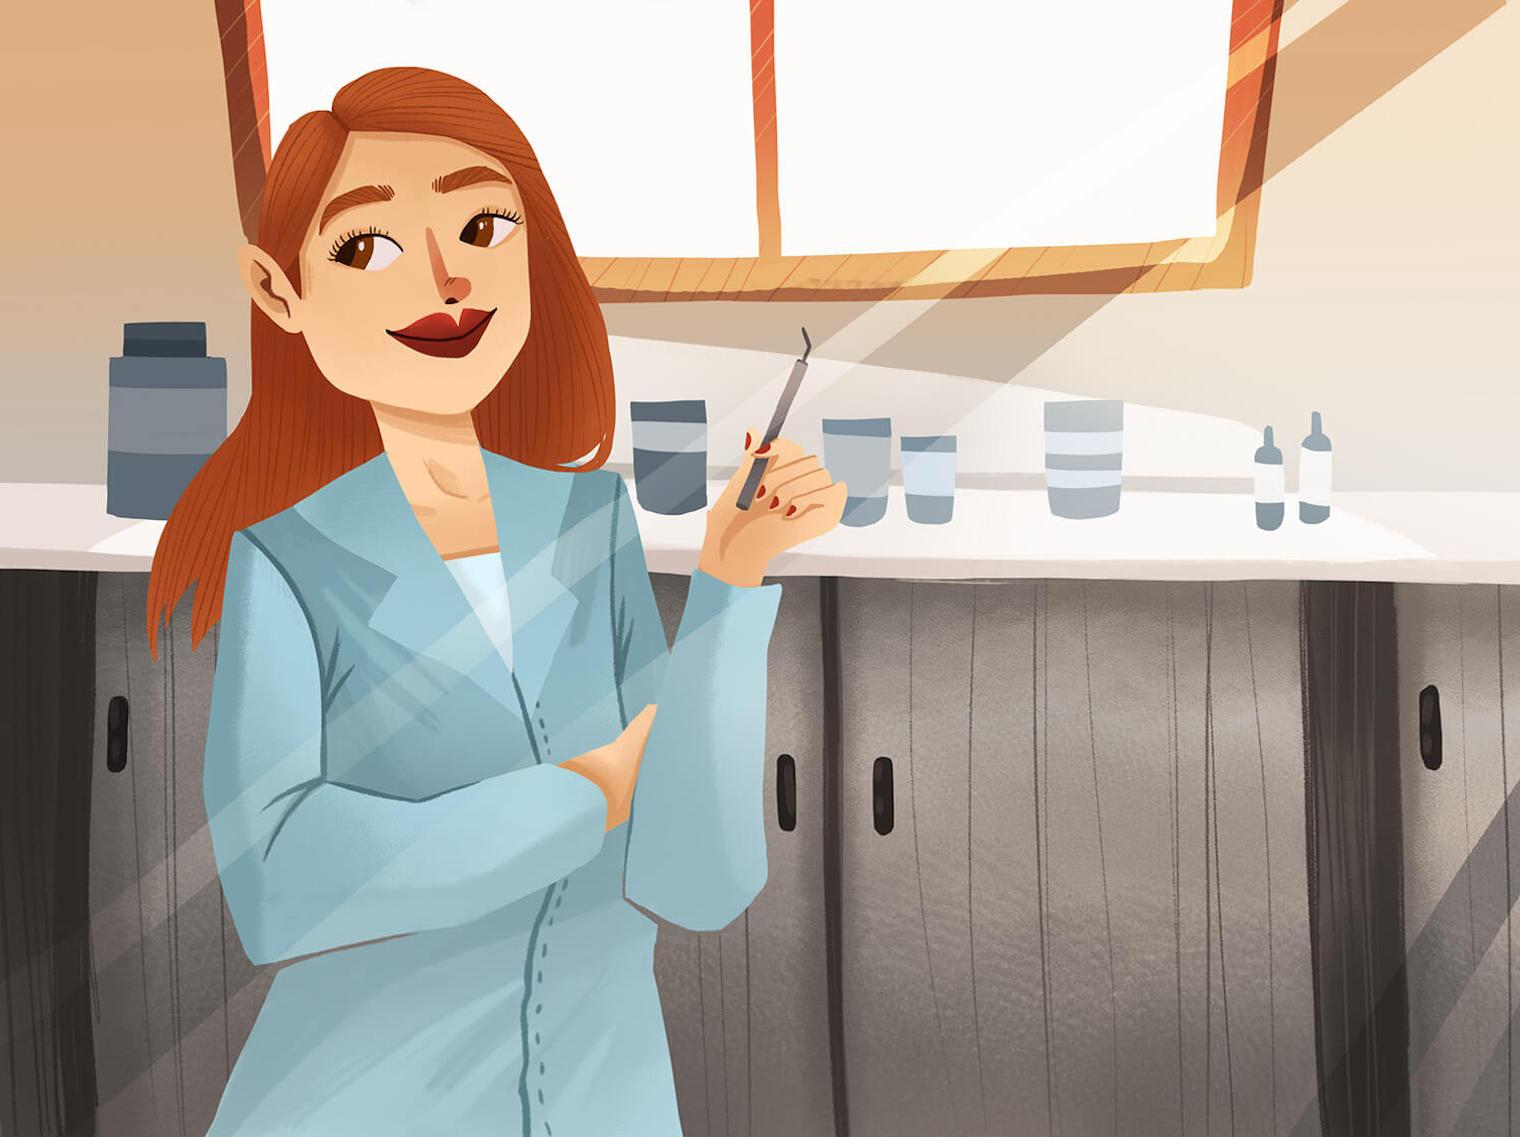 每個人幾乎都有補牙的經驗,補牙須達成兩件事:降低二次蛀牙、美觀,補牙也要補到看不出來才叫厲害。由於樹脂本身怕水,因此進行補牙前,需要使用一個防水的橡皮障把牙齒與口腔內部隔開。過程須配合顯微鏡放大設備的輔助。